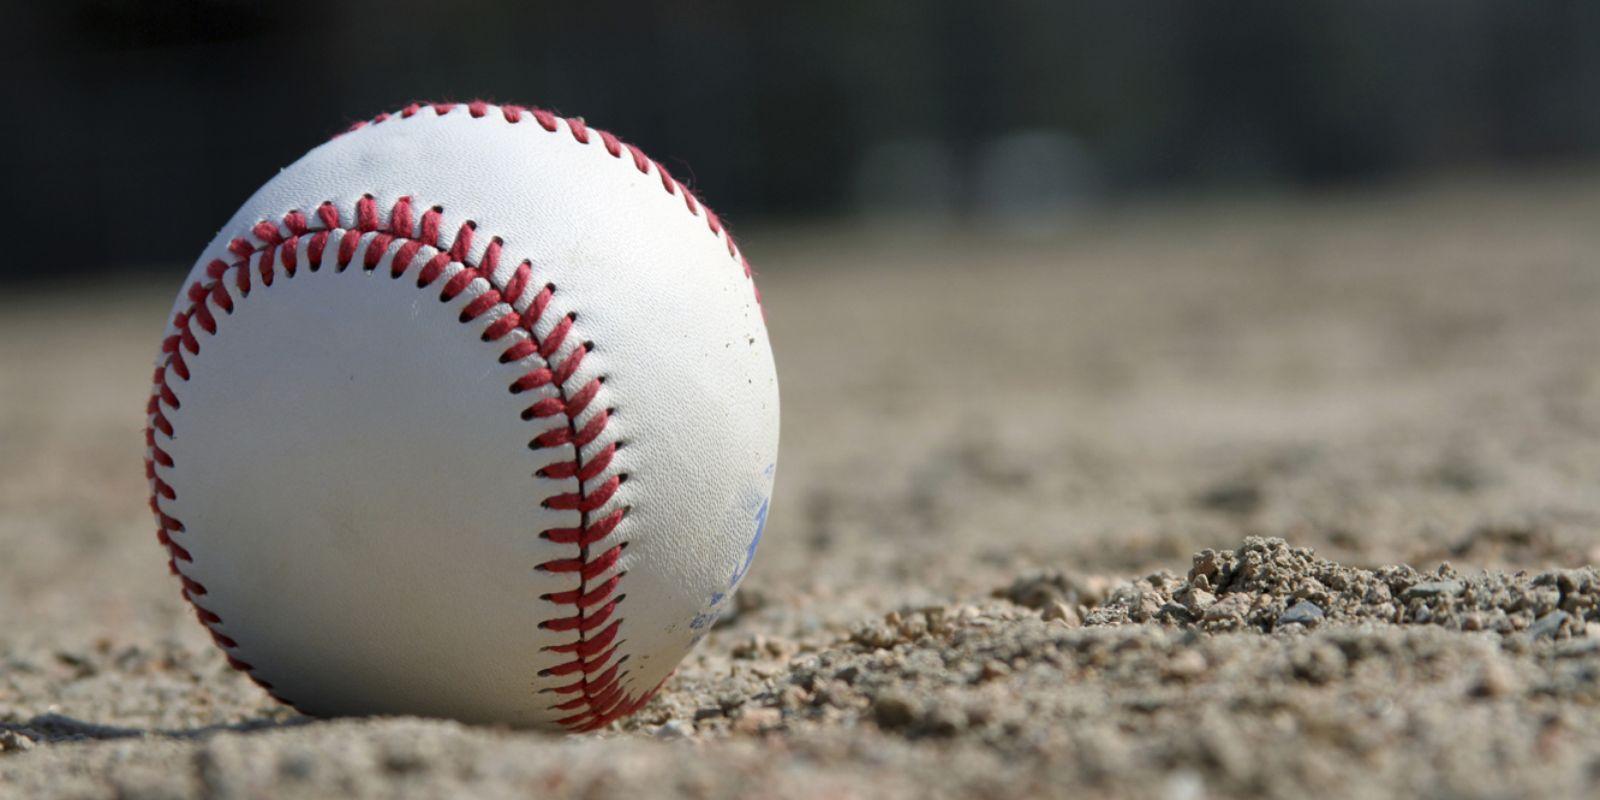 636198343564749238-baseball-infield-dirt-2